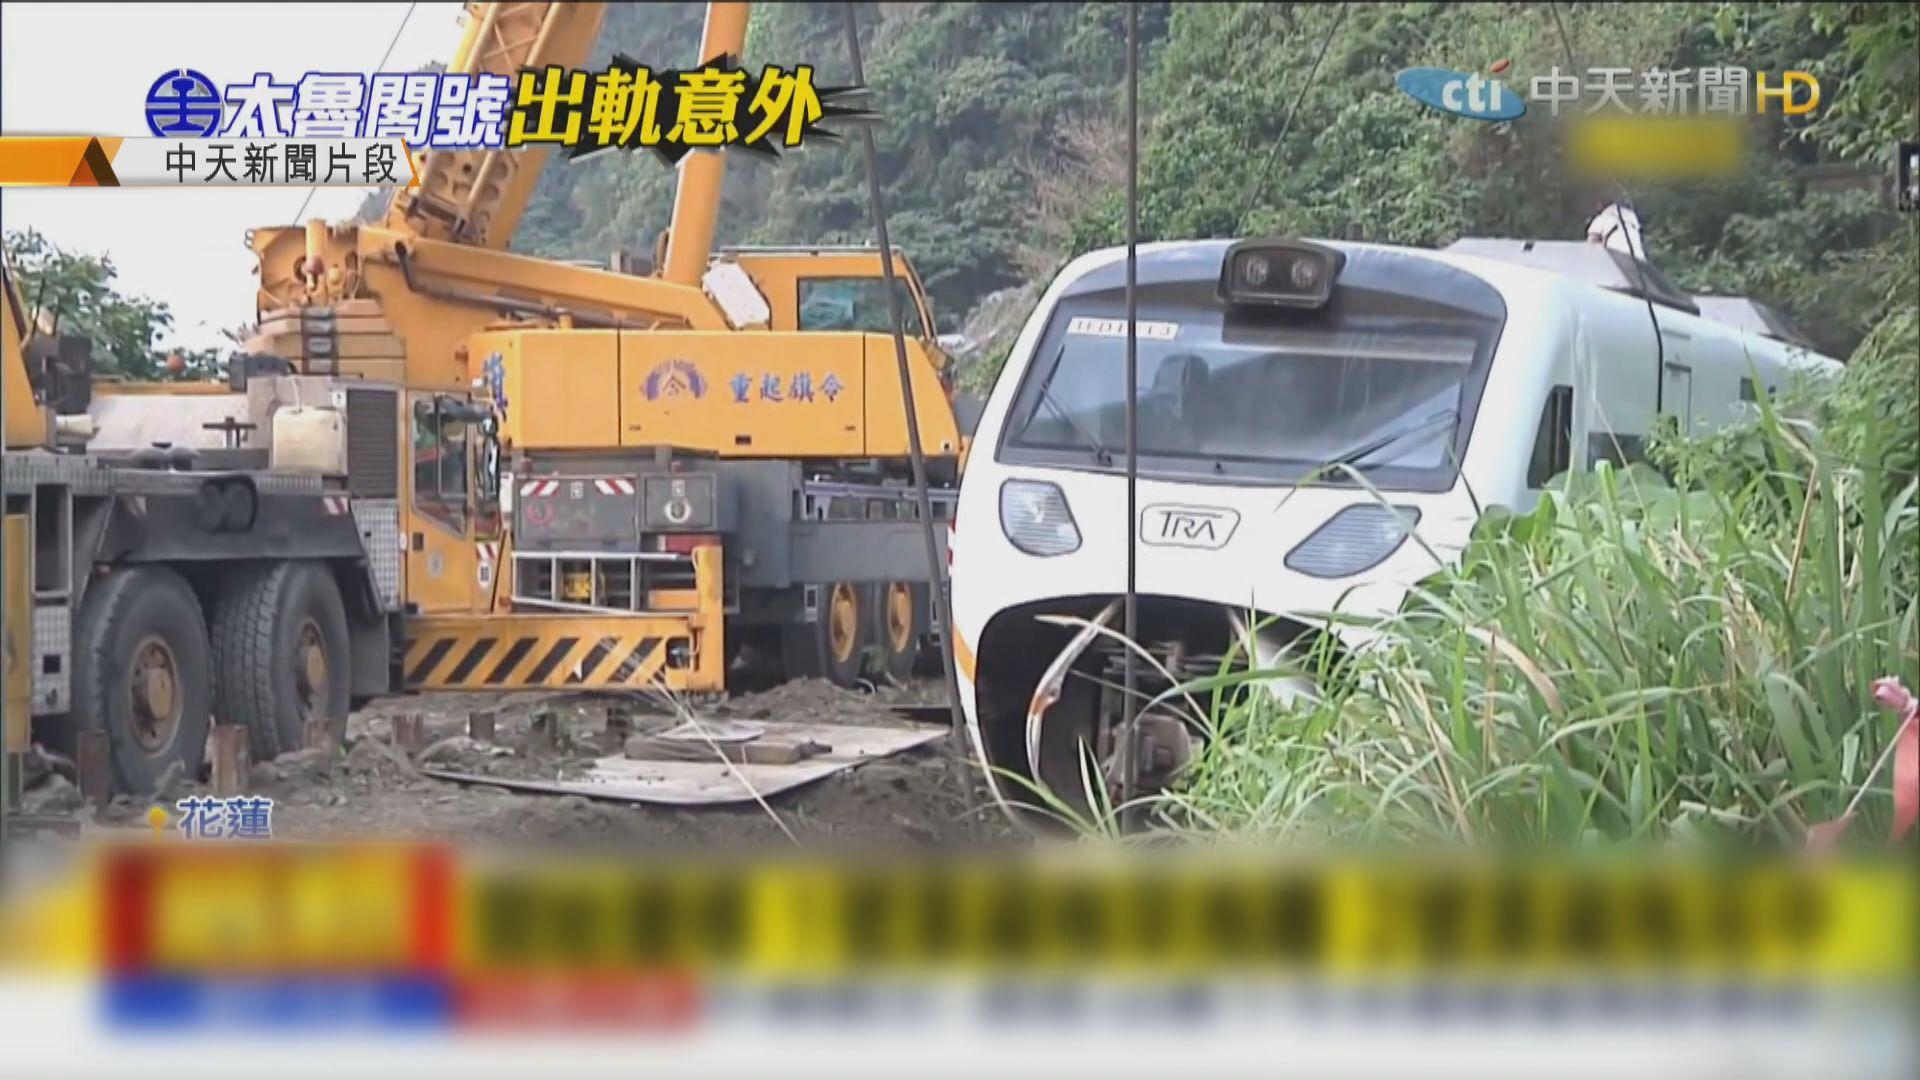 台鐵出軌嚴重事故 部分車廂被吊走